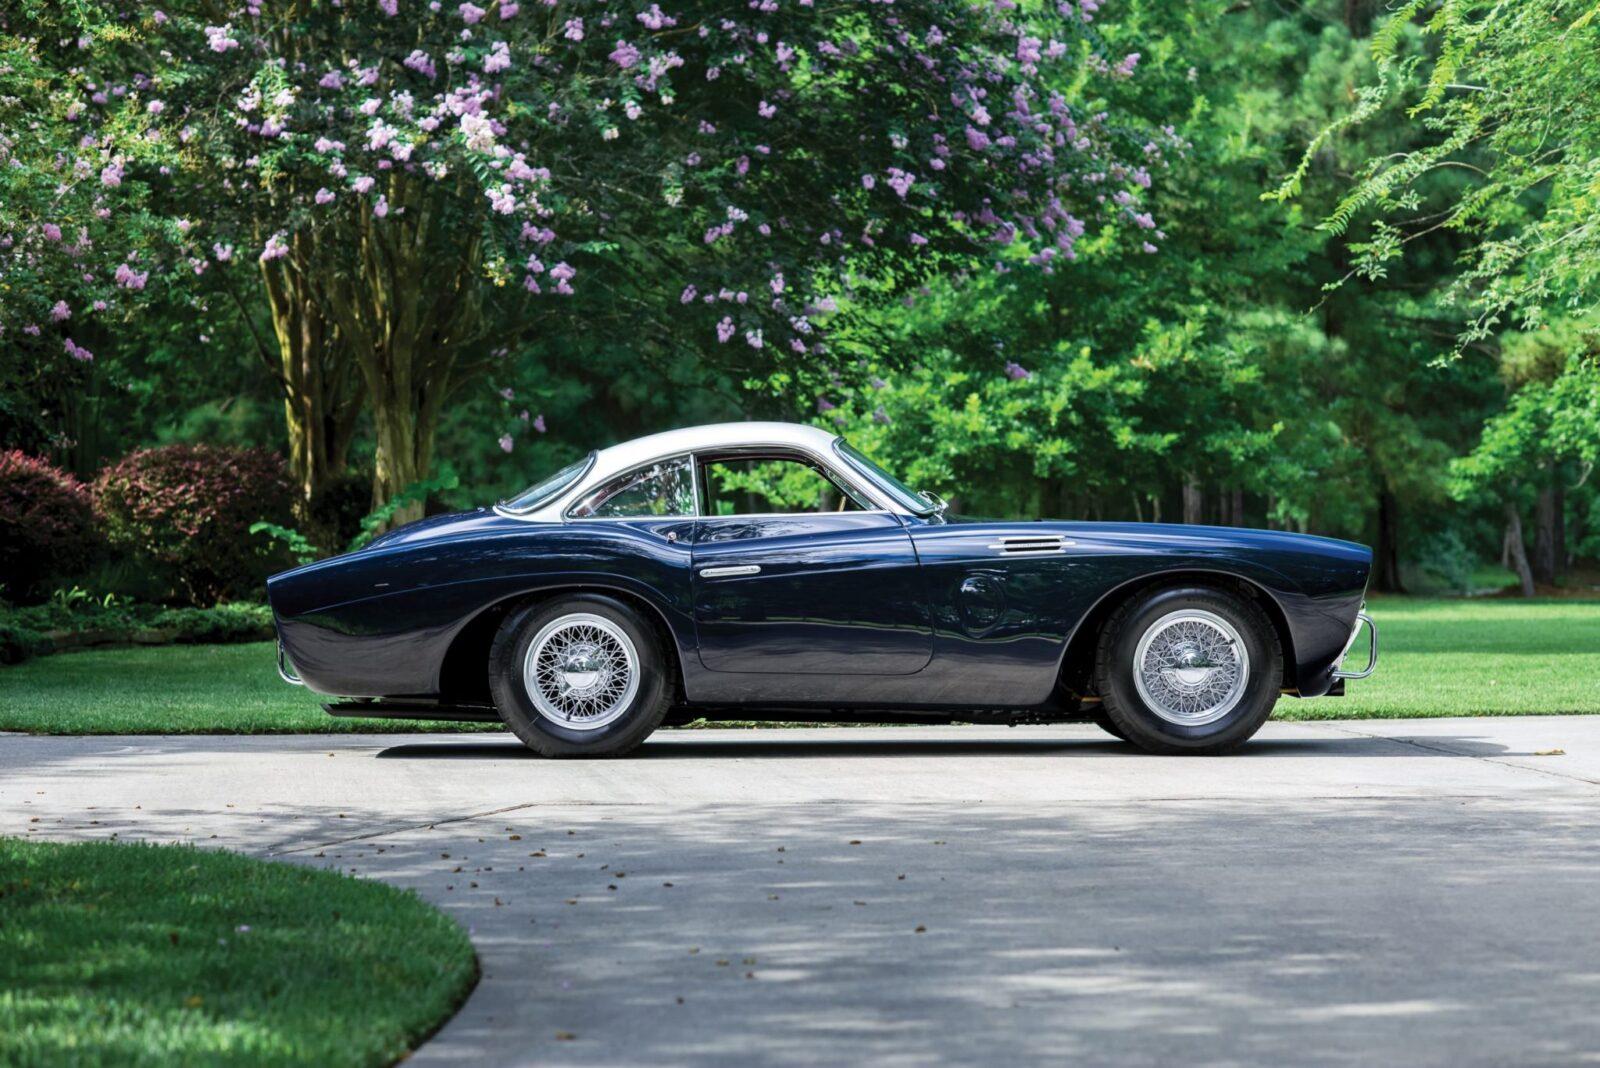 pegaso z 102 car 5 1600x1068 - 1954 Pegaso Z-102 Series II Saoutchik